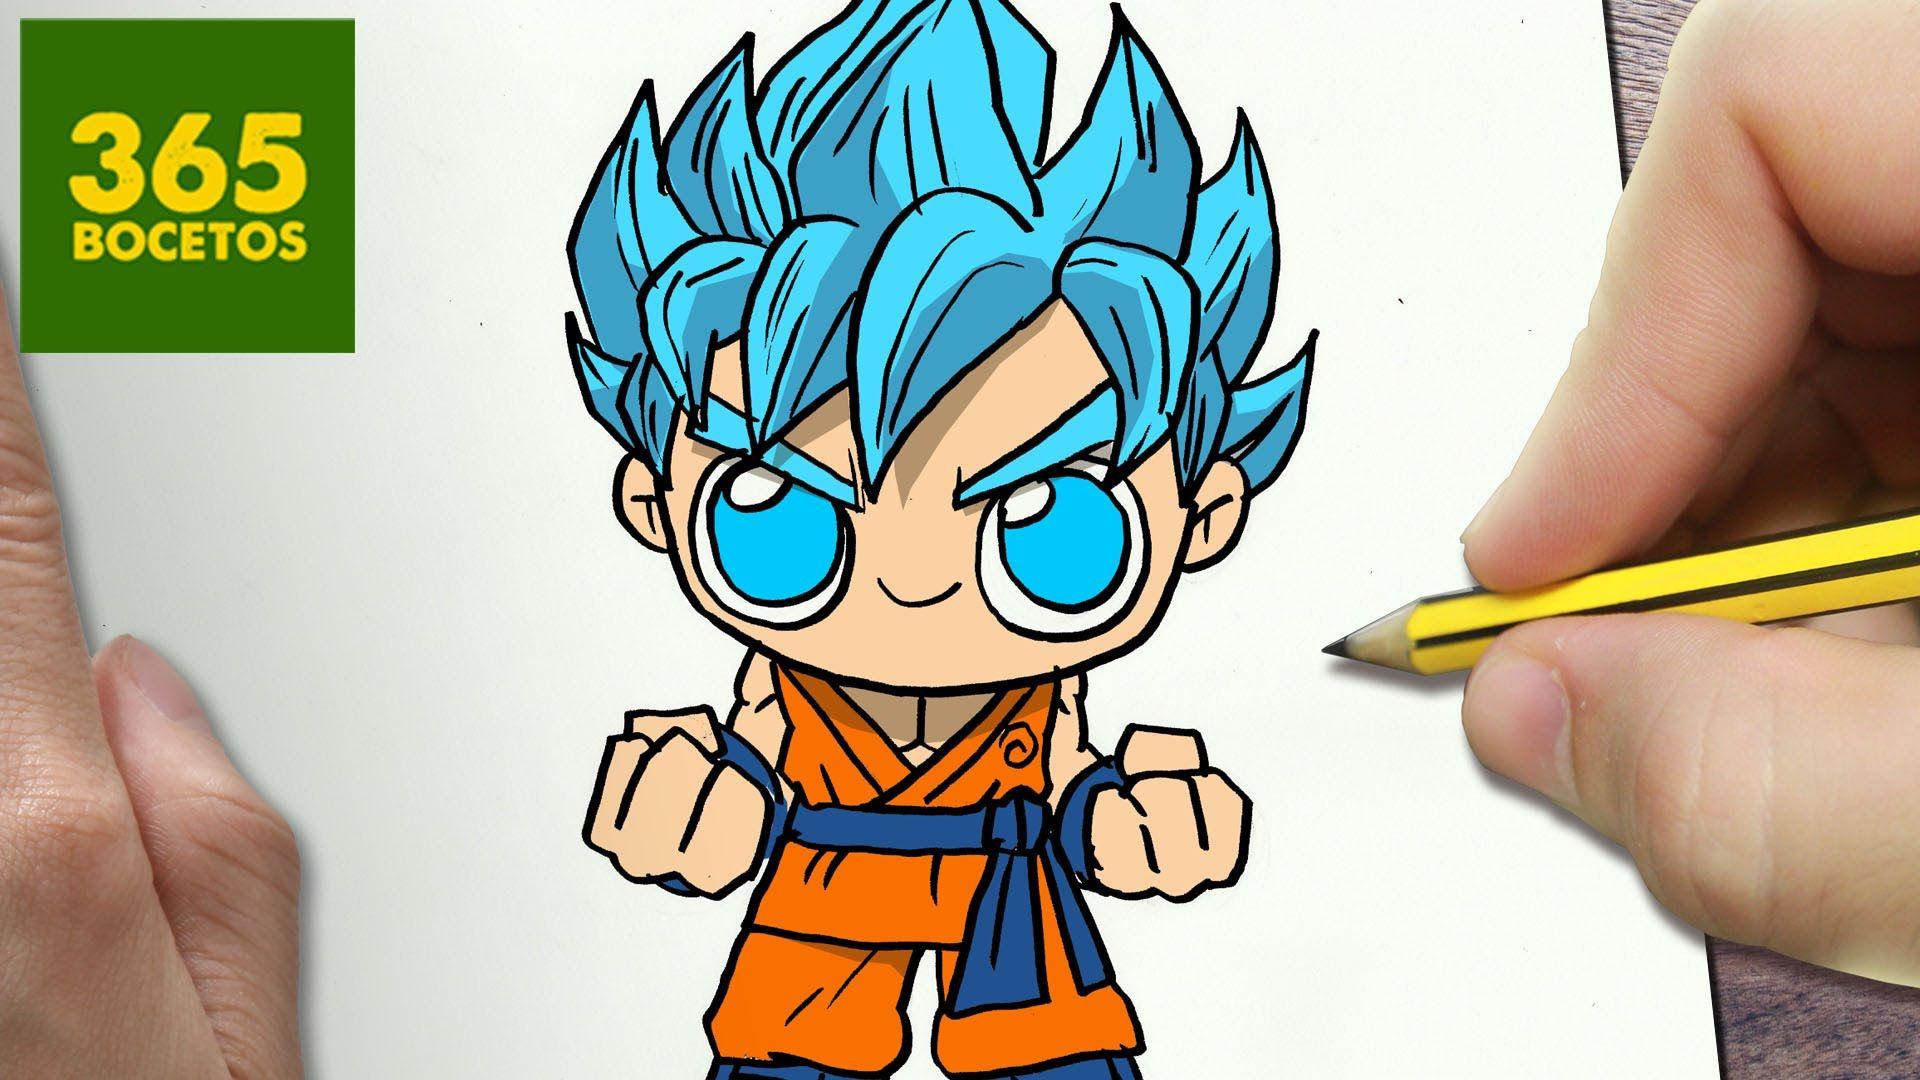 Como Dibujar Goku Ssj Dios Kawaii Paso A Paso Dibujos Kawaii Faciles Dibujos Kawaii Como Dibujar A Goku Dibujos Kawaii Faciles